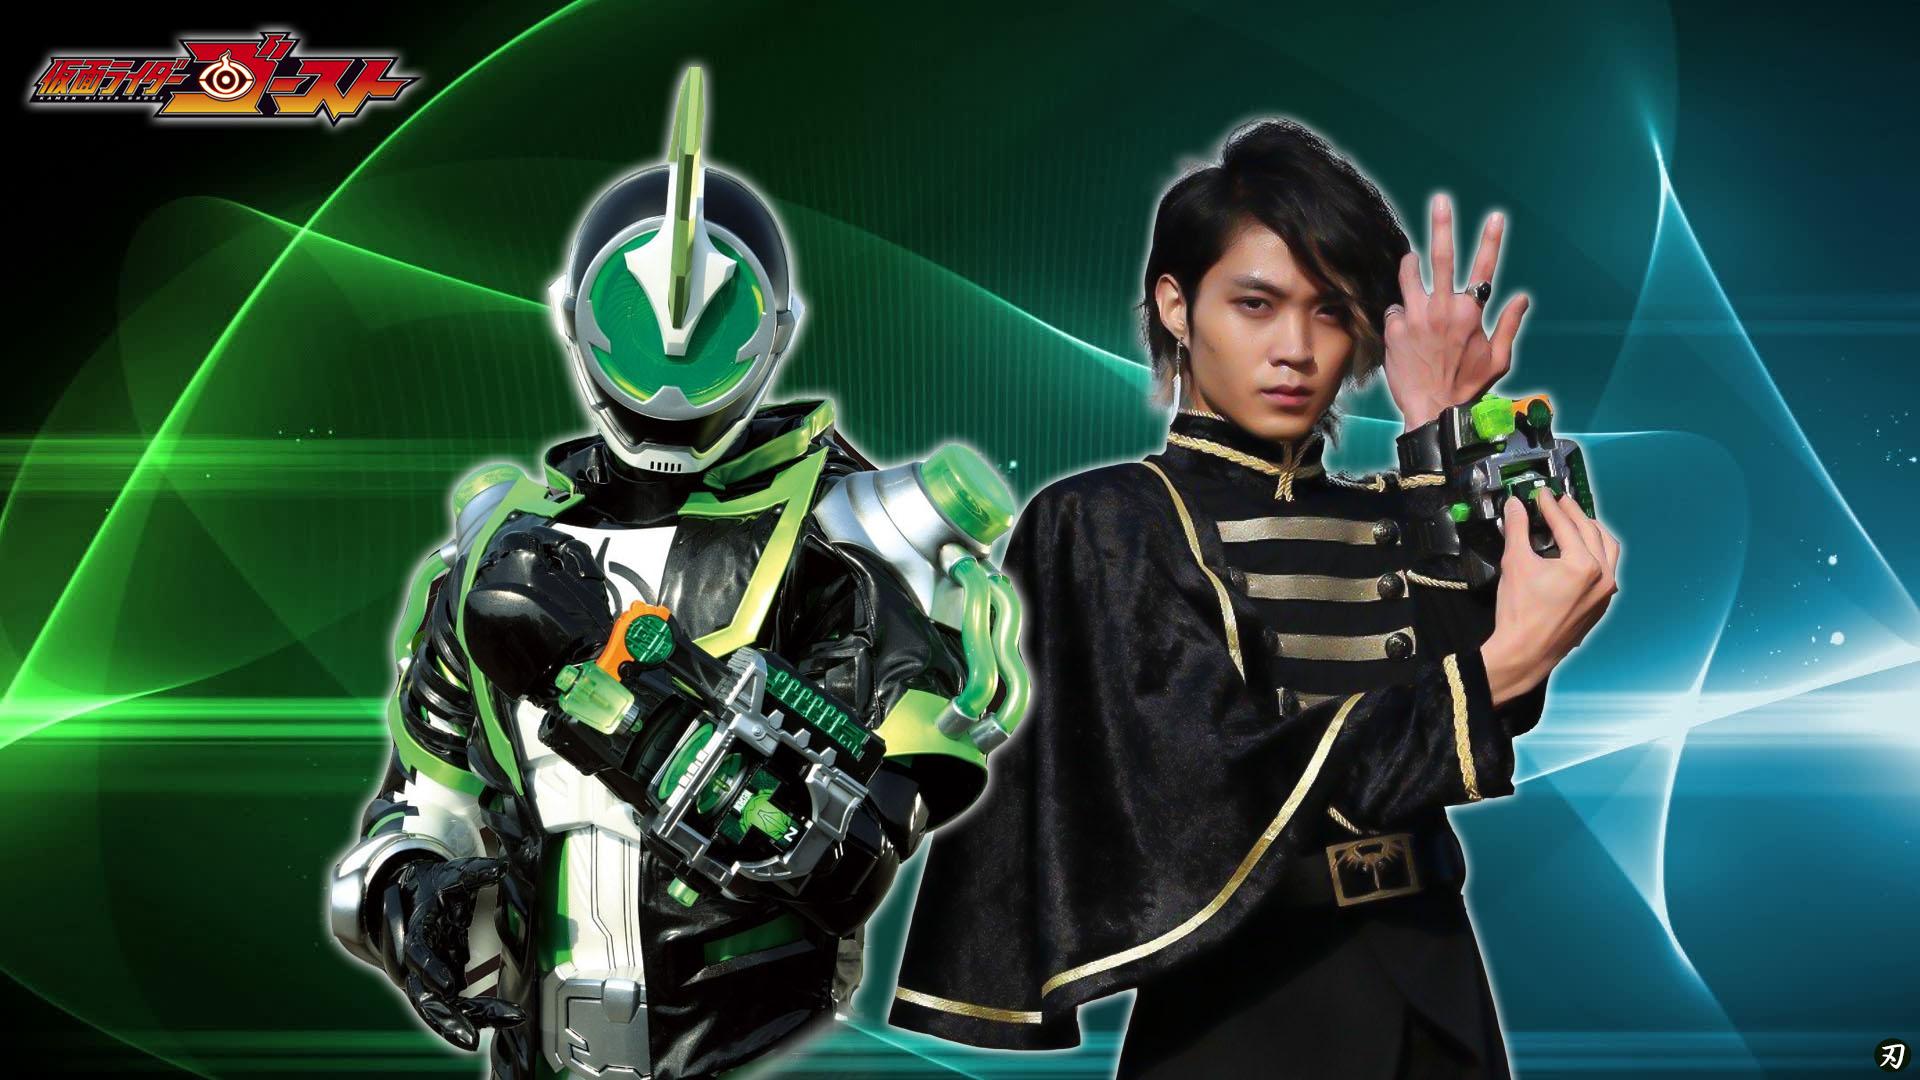 Kamen Rider Necrom: Kamen Rider Necrom By Yaiba1 On DeviantArt